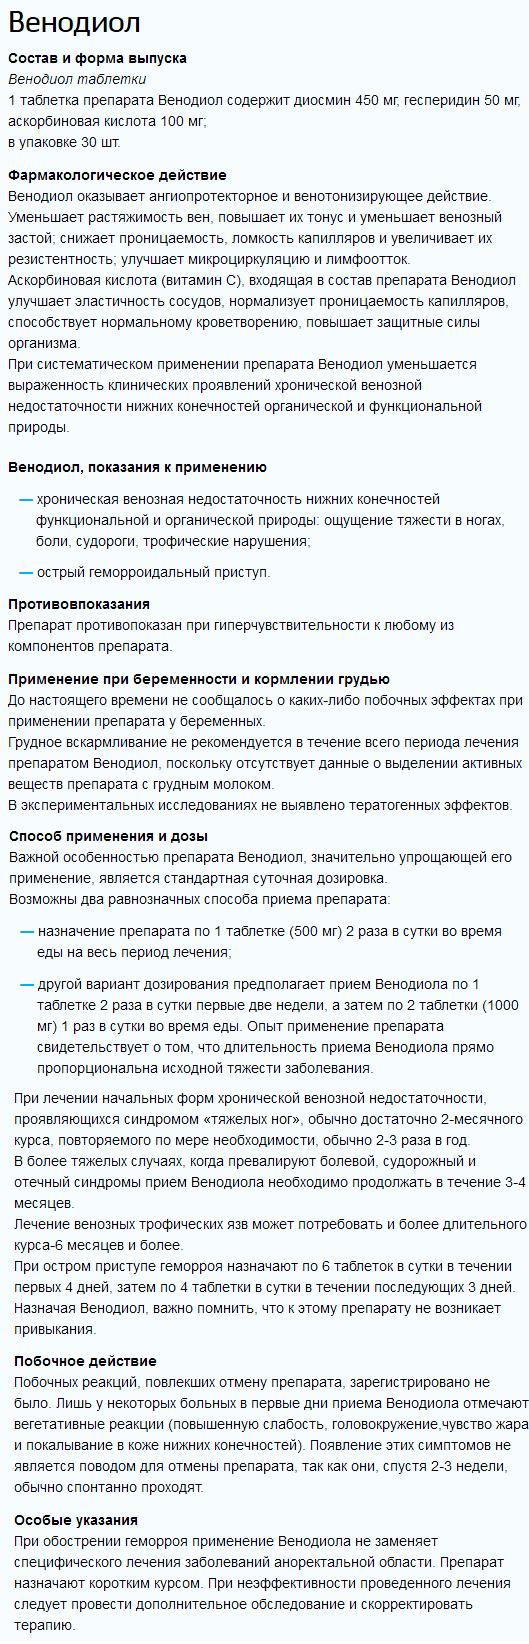 venodiol-instrukciya-po-primeneniyu1